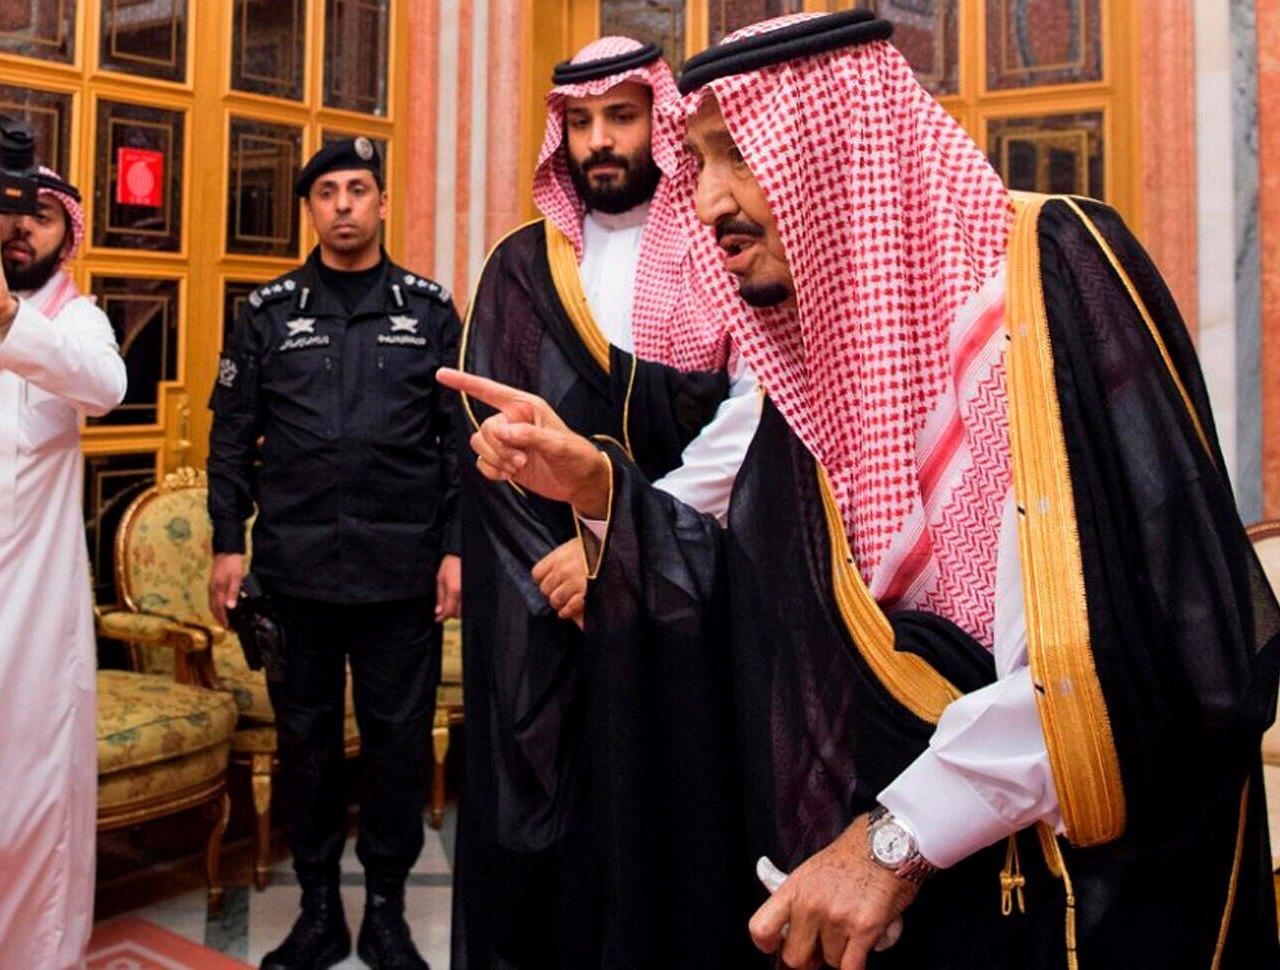 عادی سازی روابط  |  پسر پادشاه عربستان گفته «ما بدون اسرائیل موفق نمیشویم»